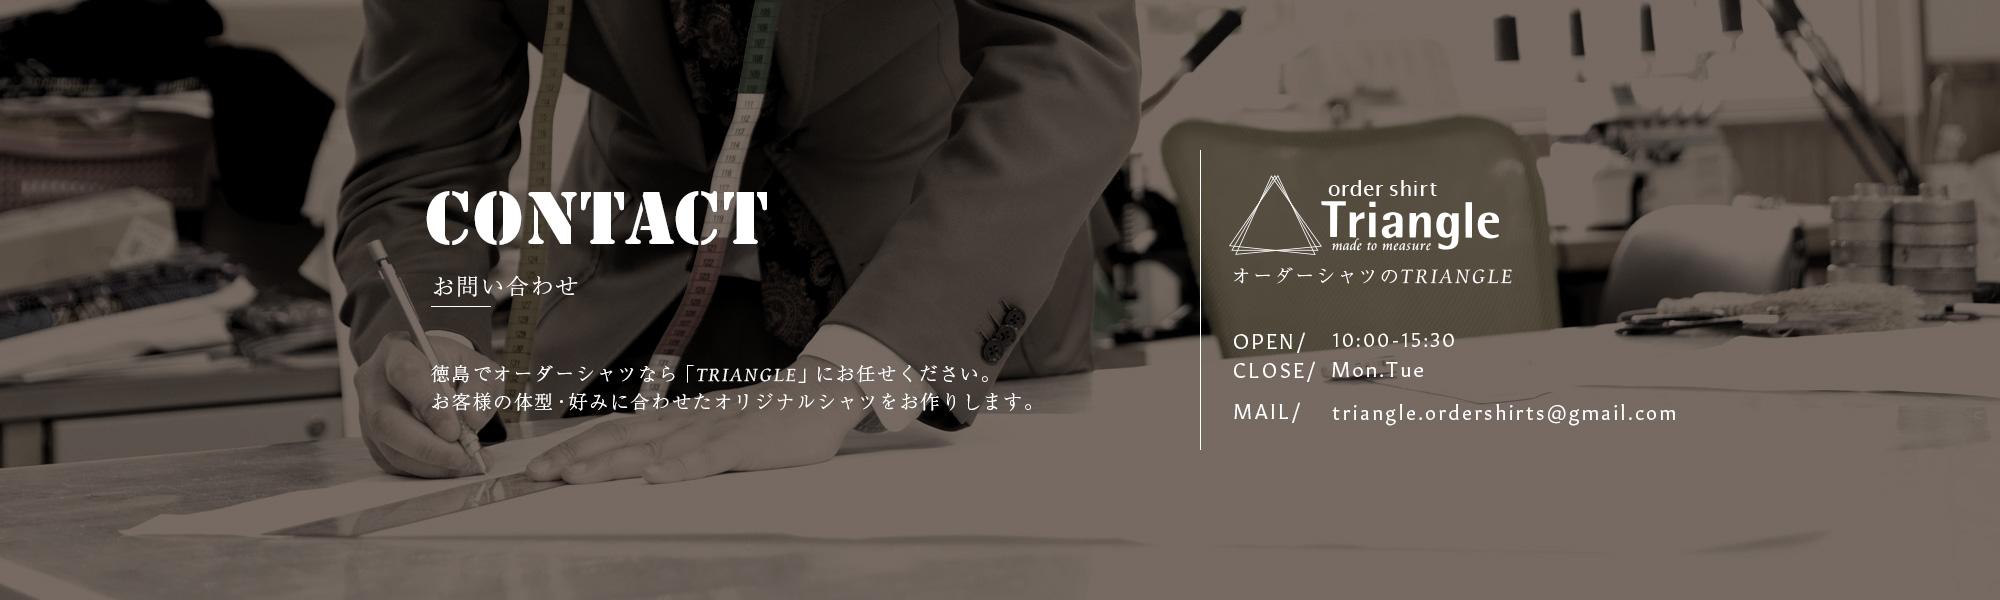 CONTACT お問い合わせ 徳島でオーダーシャツなら「TRIANGLE」にお任せください。お客様の体系・好みに合わせたオリジナルシャツをお作りします。